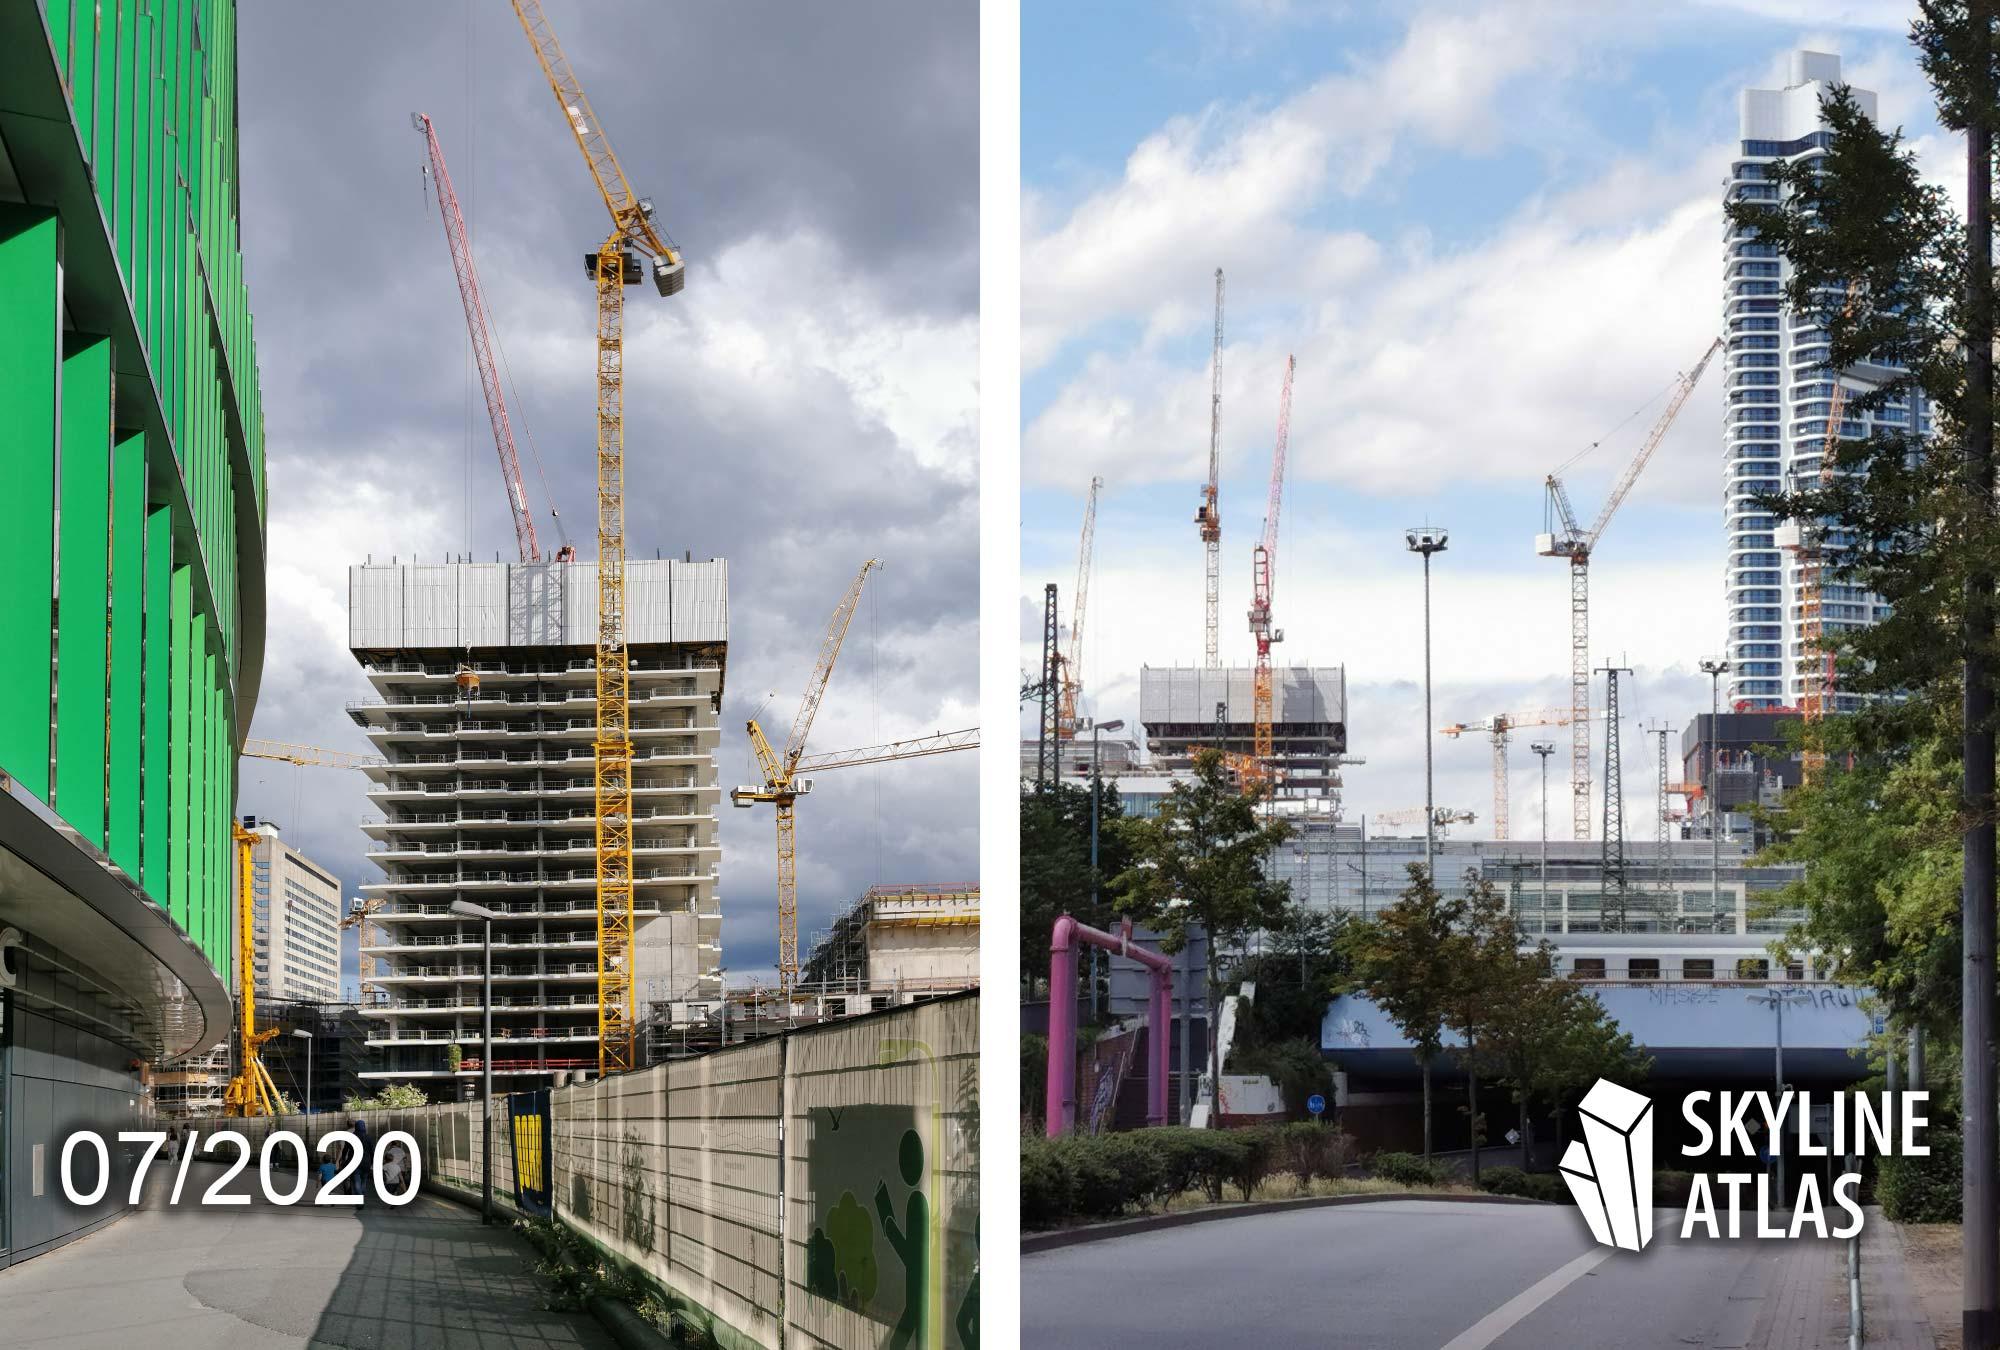 EDEN Wohnturm Frankfurt - Apartement Hochhaus - Baustelle im Sommer 2020 - Beton-Tragwerk EDEN Frankfurt - Baufortschritt - Architekt Helmut Jahn Chicago